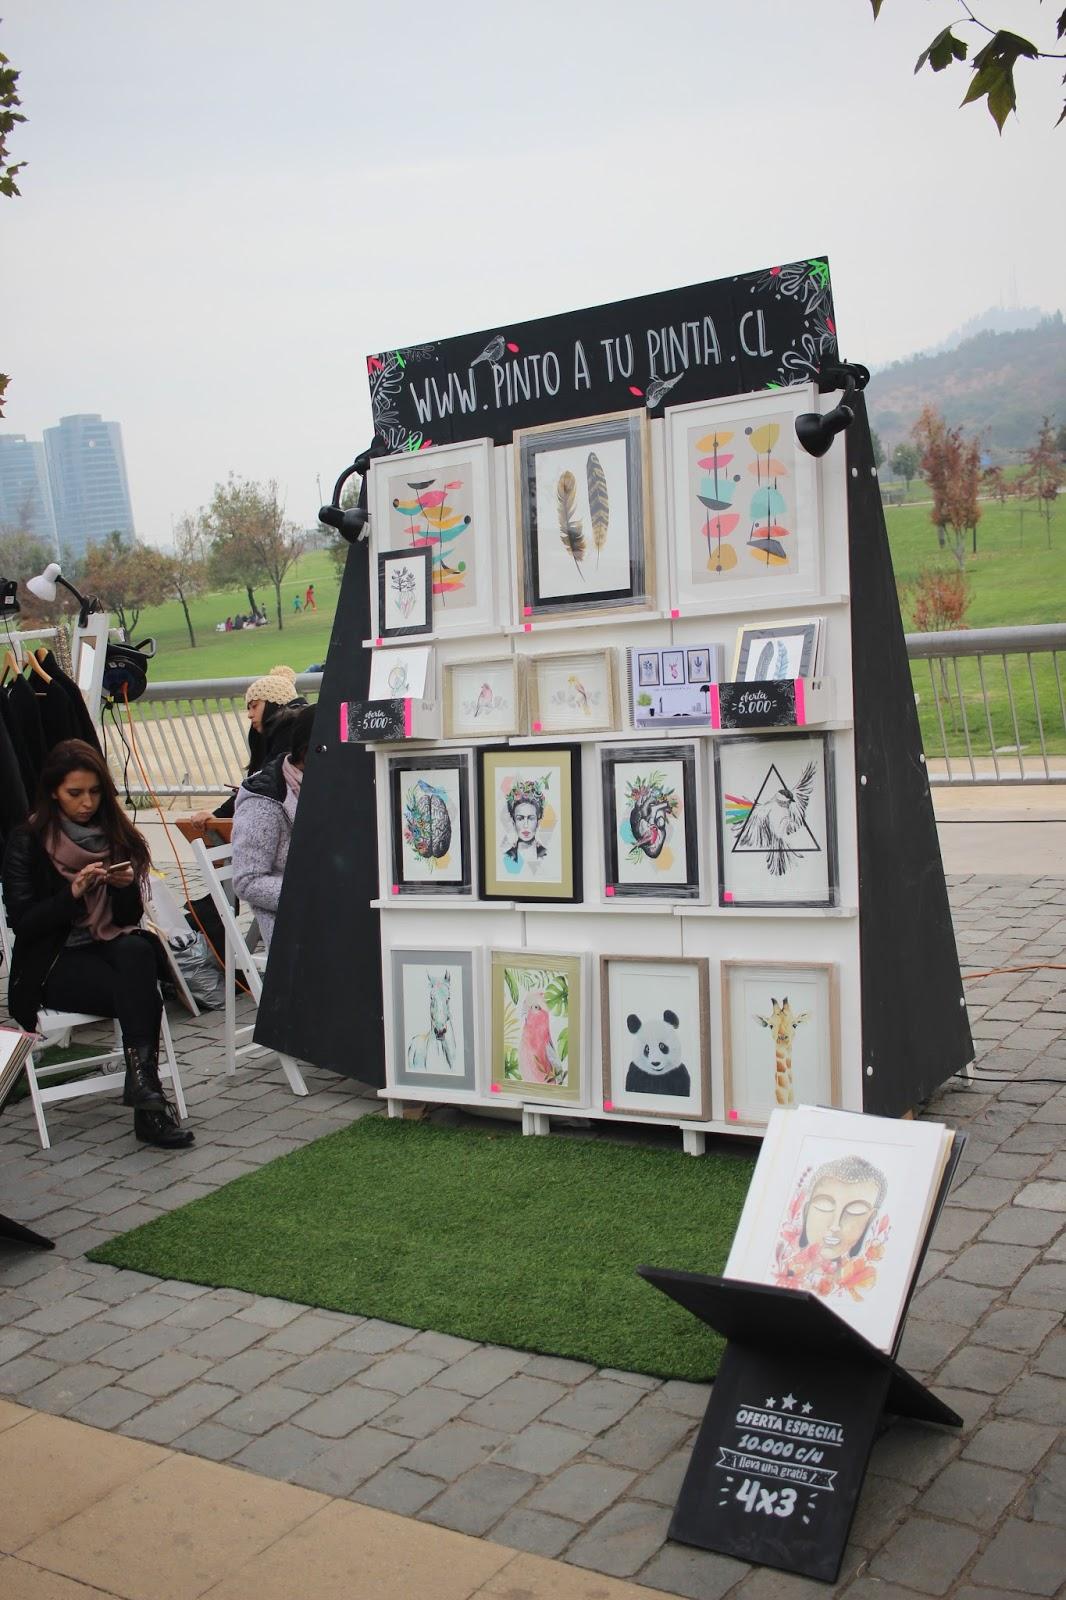 bicentenario chile parque